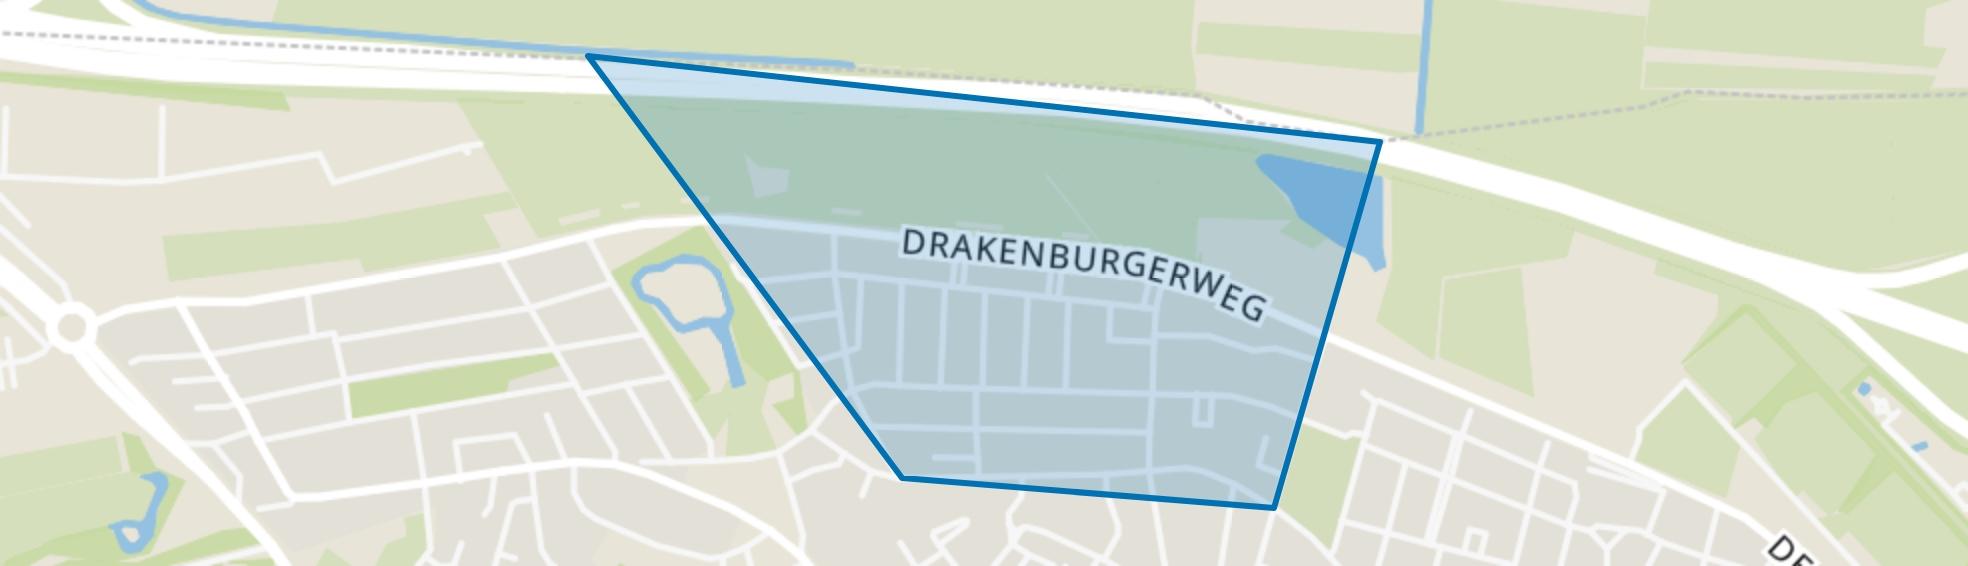 Professorenwijk, Baarn map